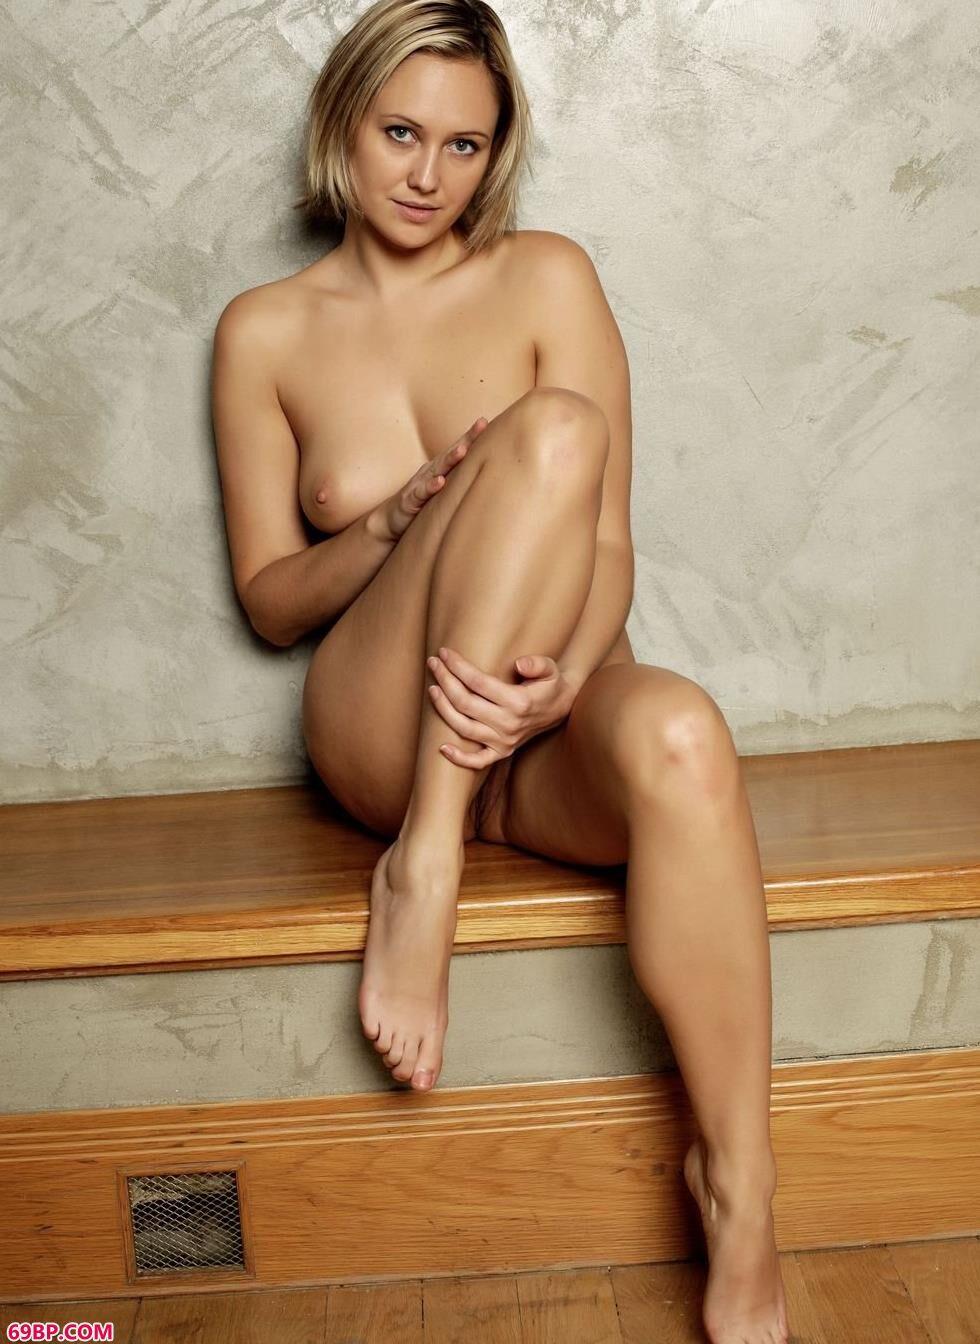 裸模Linda地暖上的风情人体